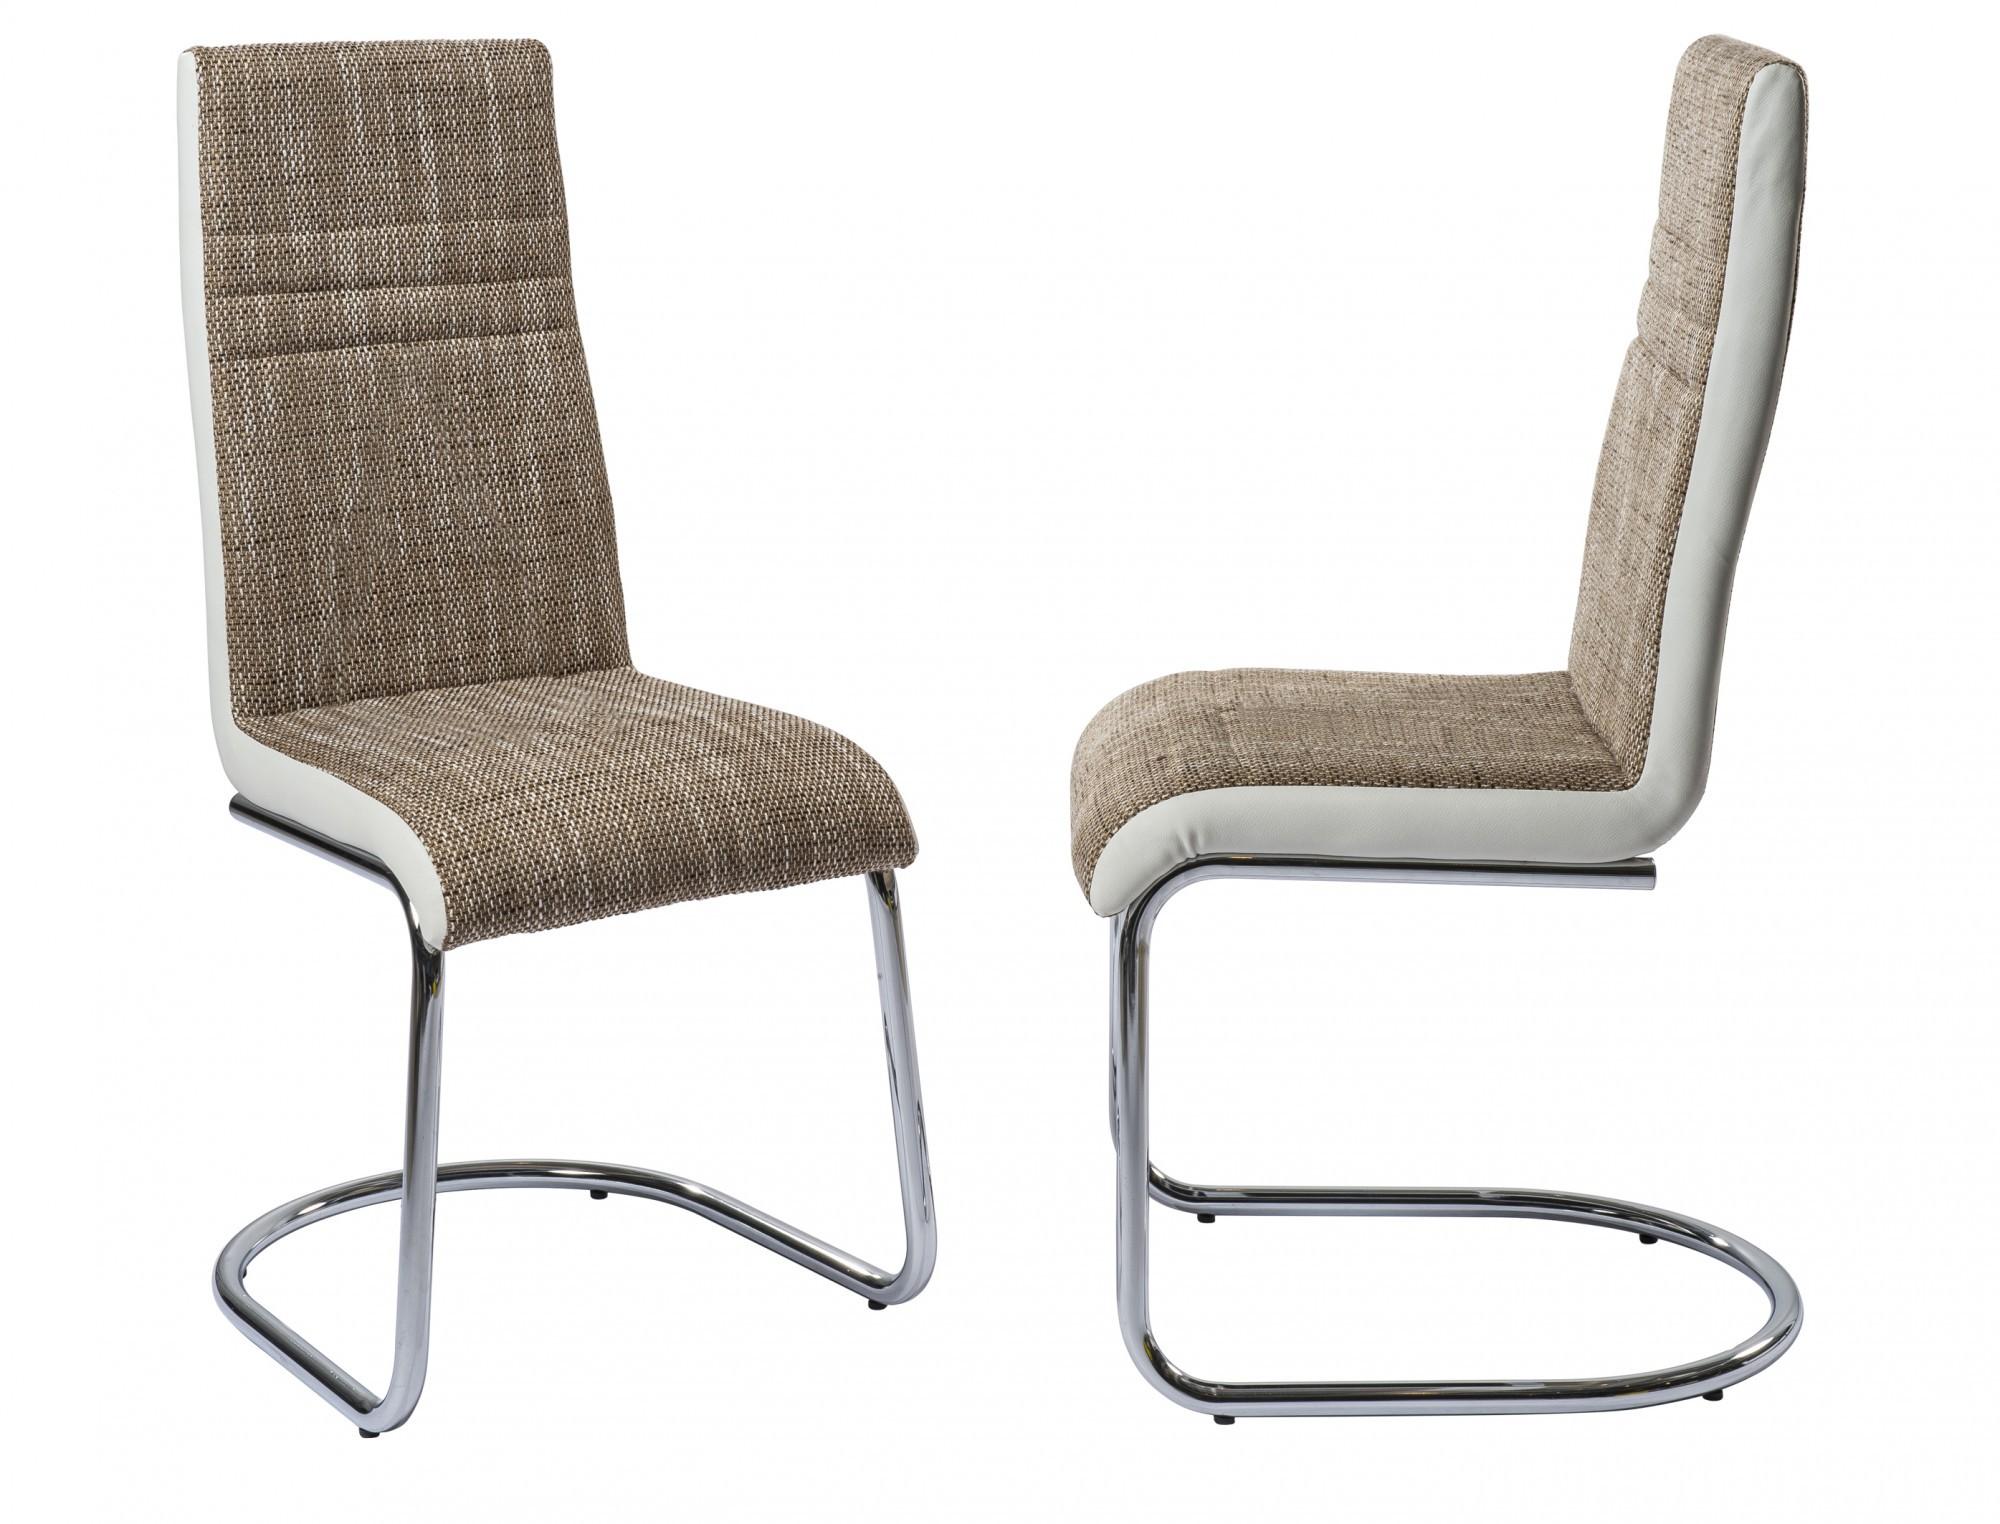 Esszimmerstuhl Schwingstuhl R5118-28 Thea Webstoff / Leder-Look PU braun-weiß